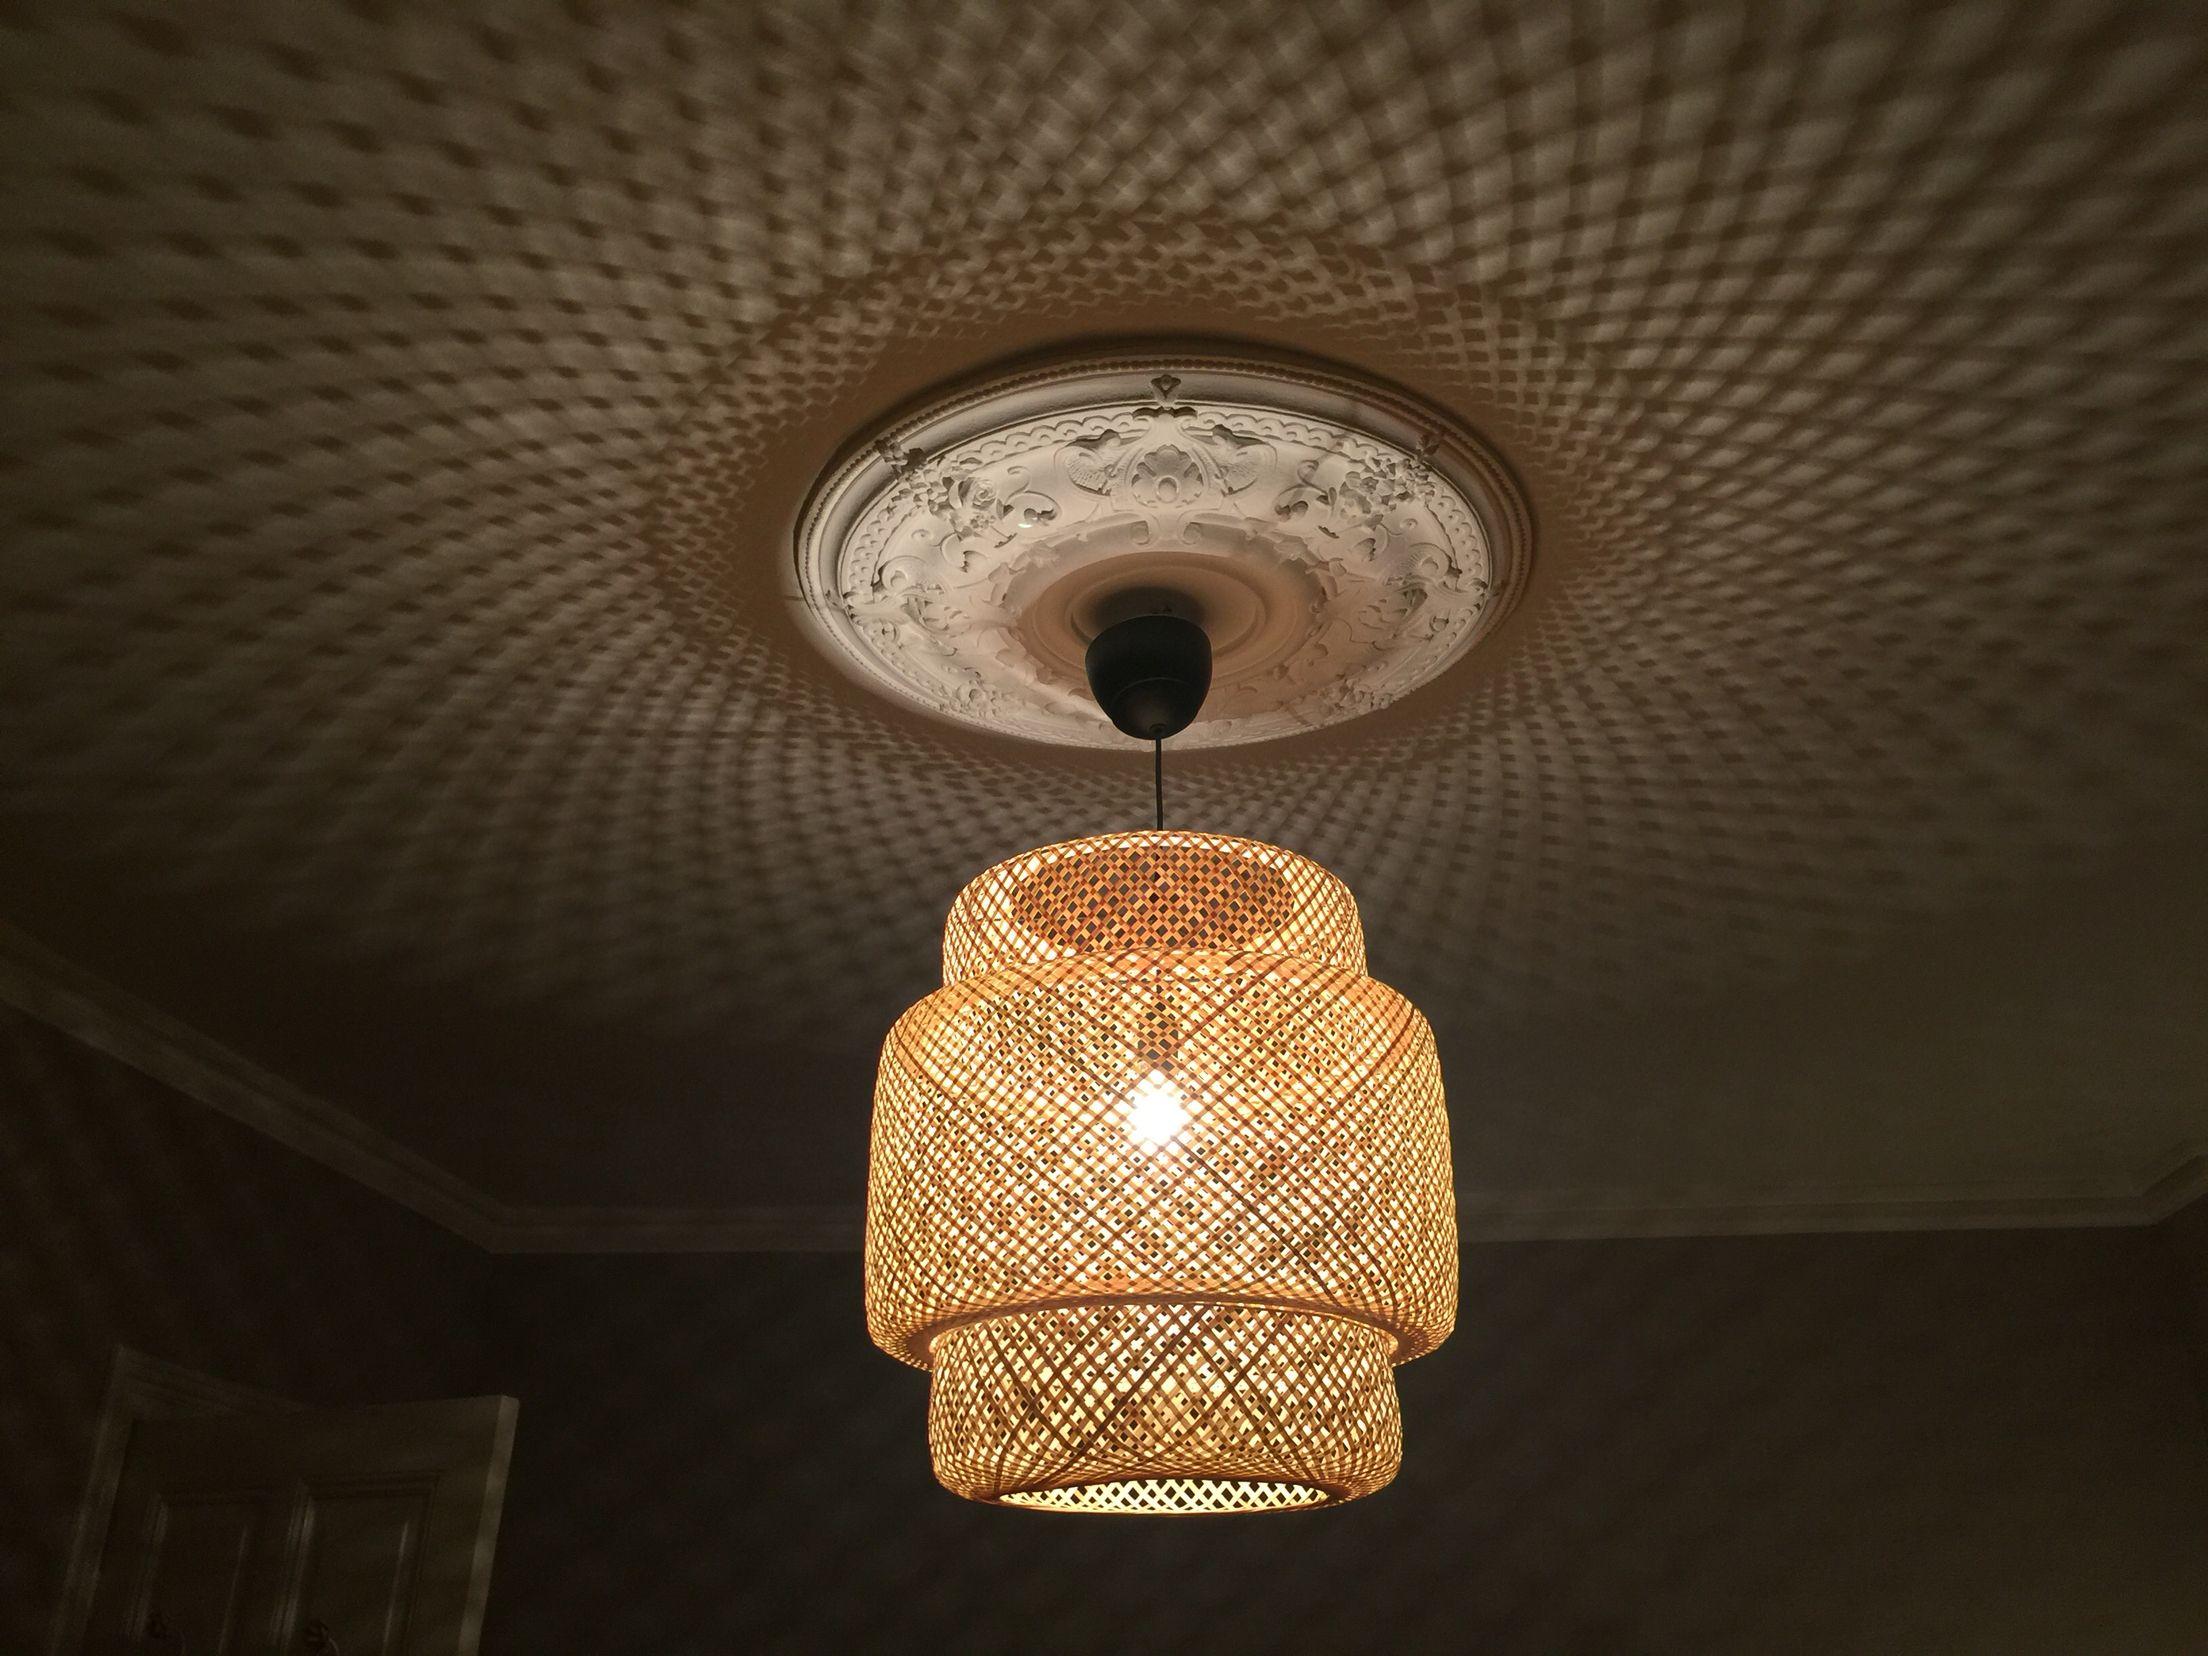 Ikea rotan lamp doet het prachtig in mijn slaapkamer